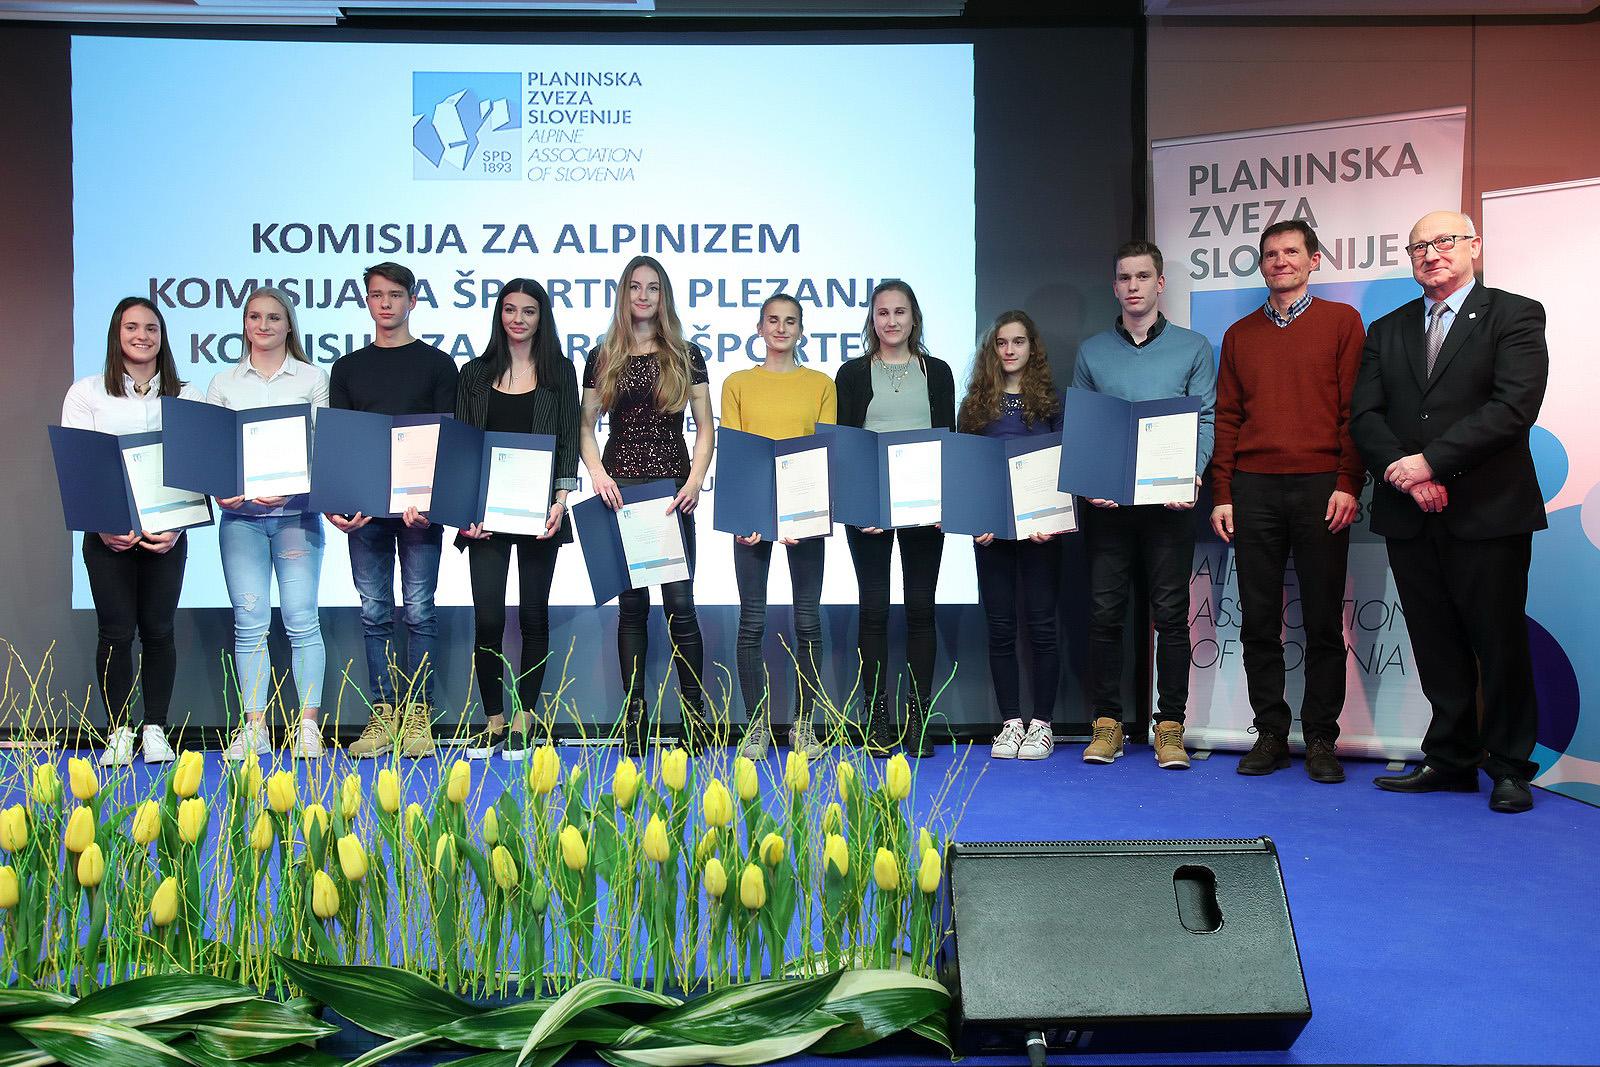 AP_vecer_2019_sportno_plezanje_perspektivni_foto_irena_music_habjan